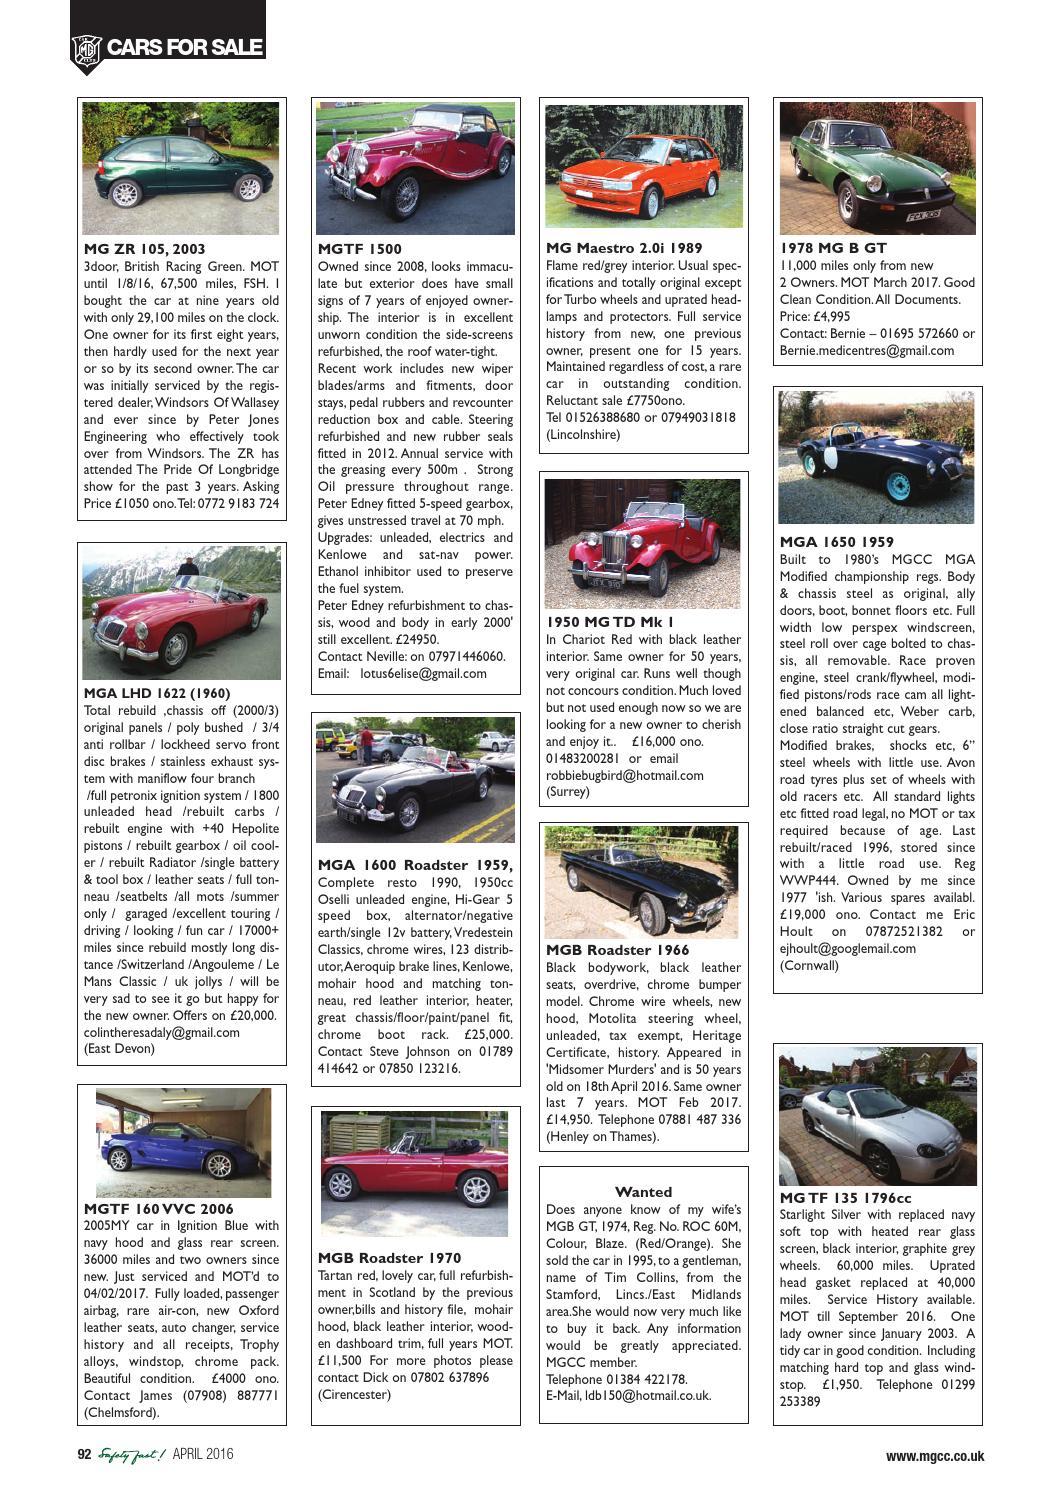 april 2016 by mg car club - issuu